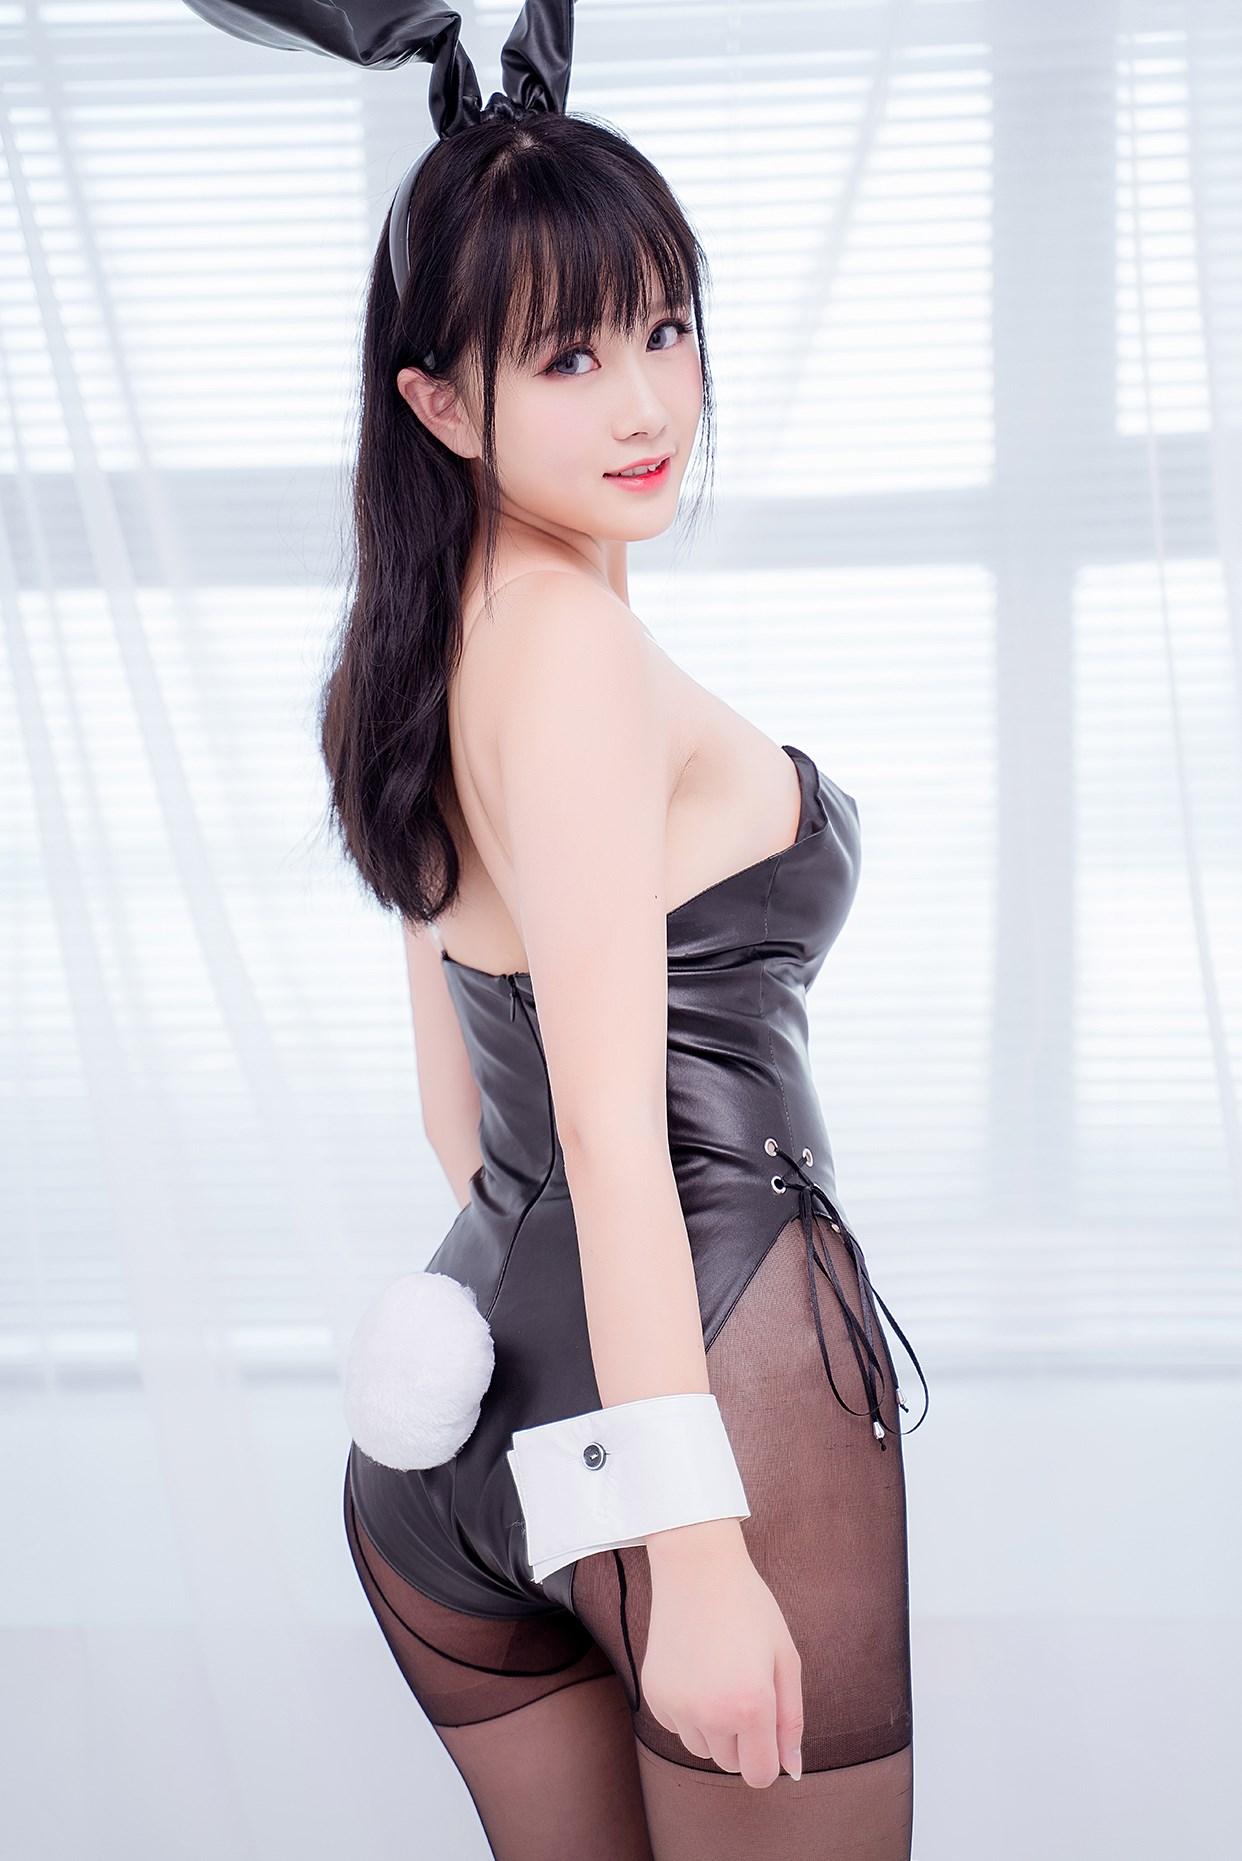 【兔玩映画】兔女郎vol.18-荼蘼 兔玩映画 第39张